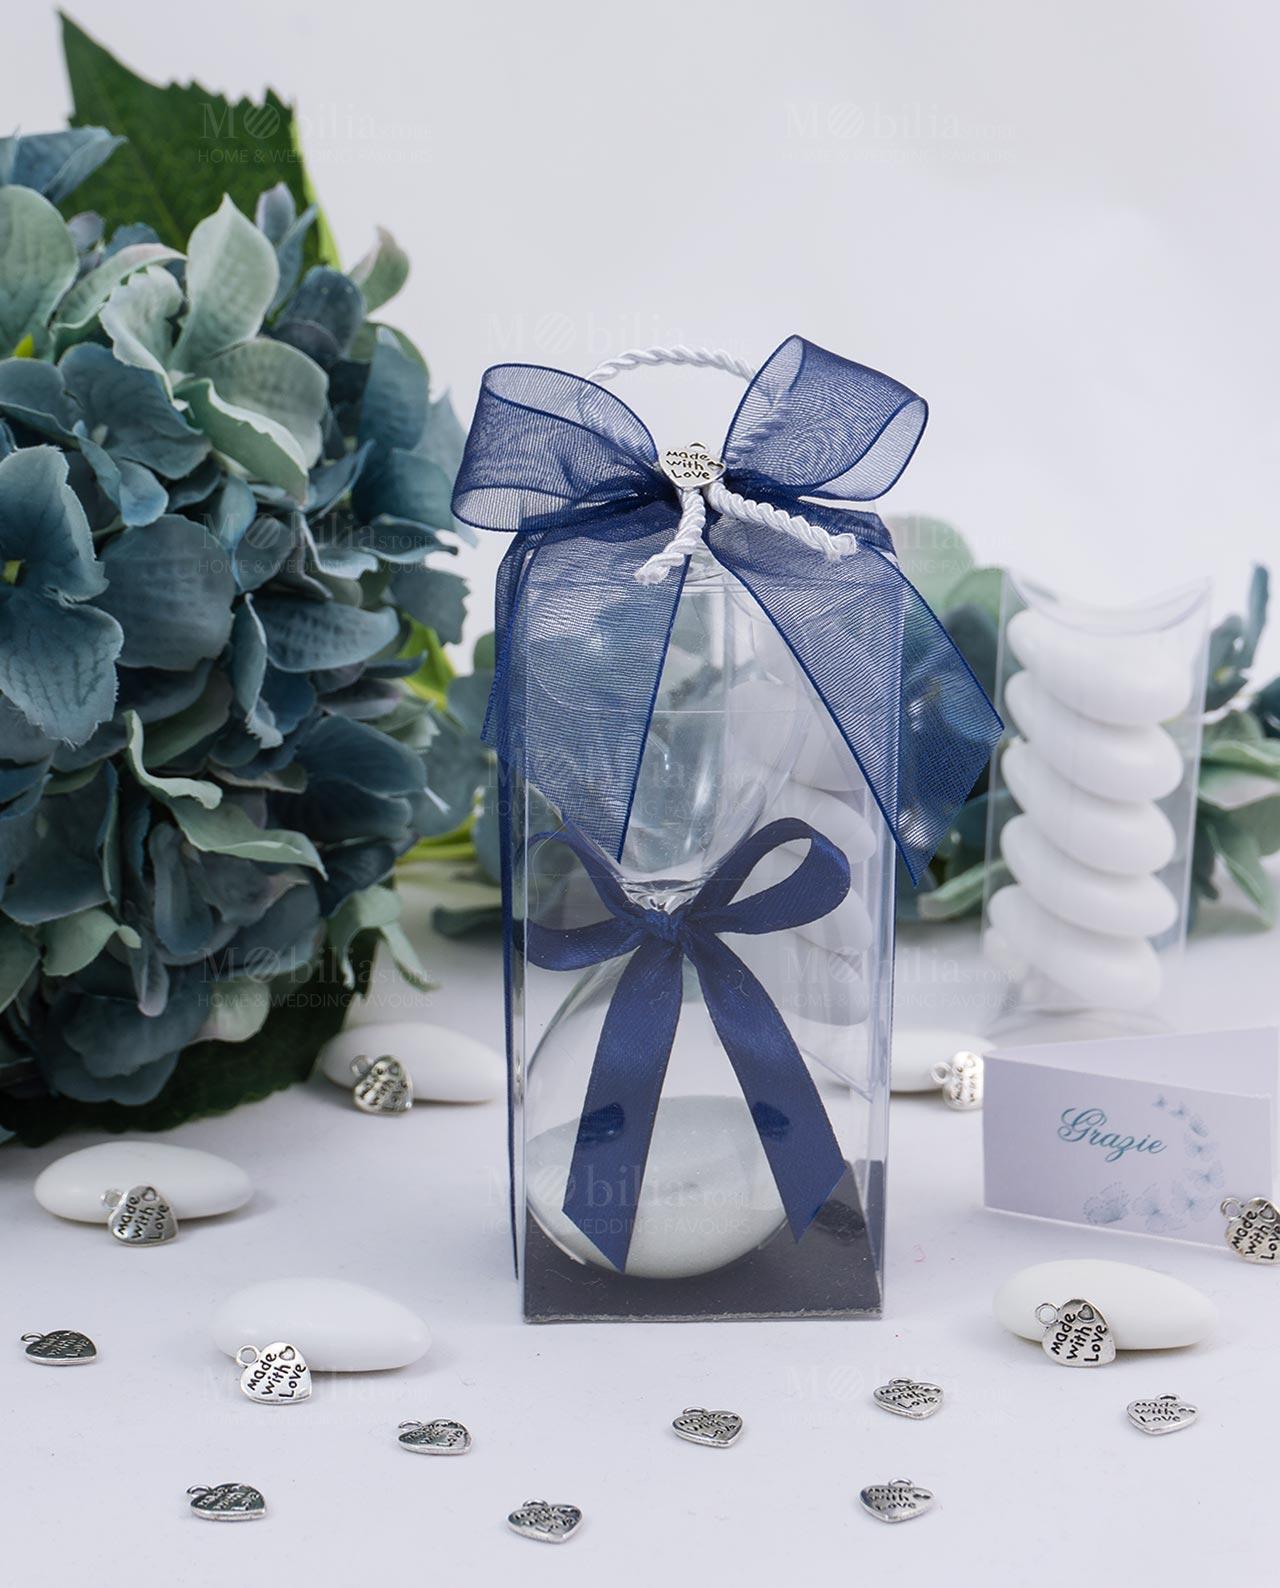 bomboniera clessidra vetro con sabbia bianca scatola trasparente fiocco blu e ciondolo made with love